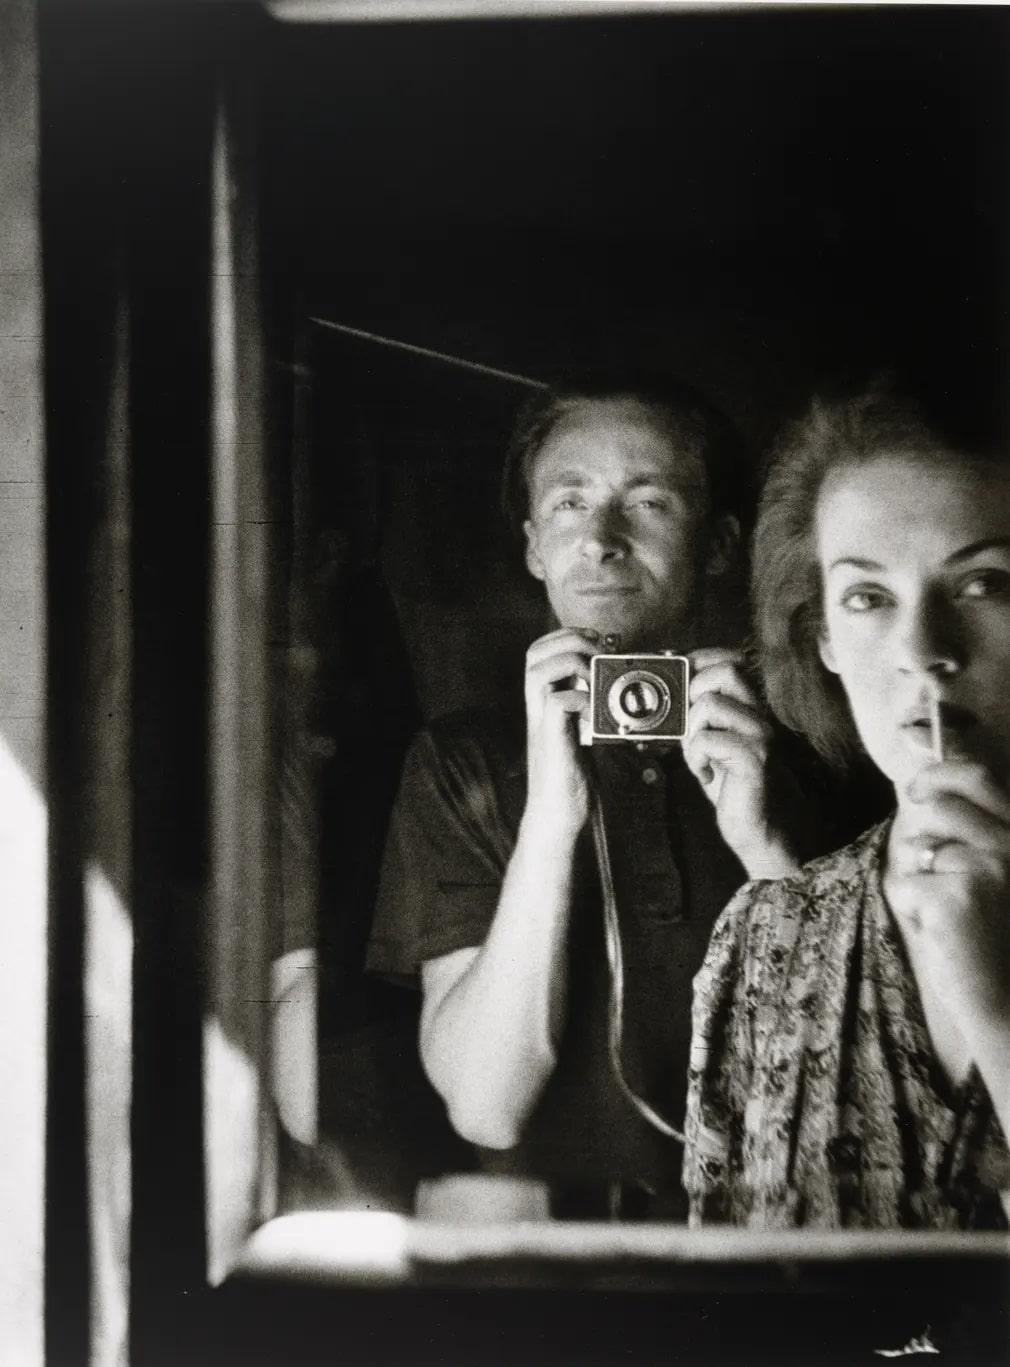 Australian Love Stories, Canberra, National Portrait Gallery, Ausztalia, Kiallitas, Szerelem, Szerelmi Tortenetek, Joy Hester, Albert Tucker, Garry Smith